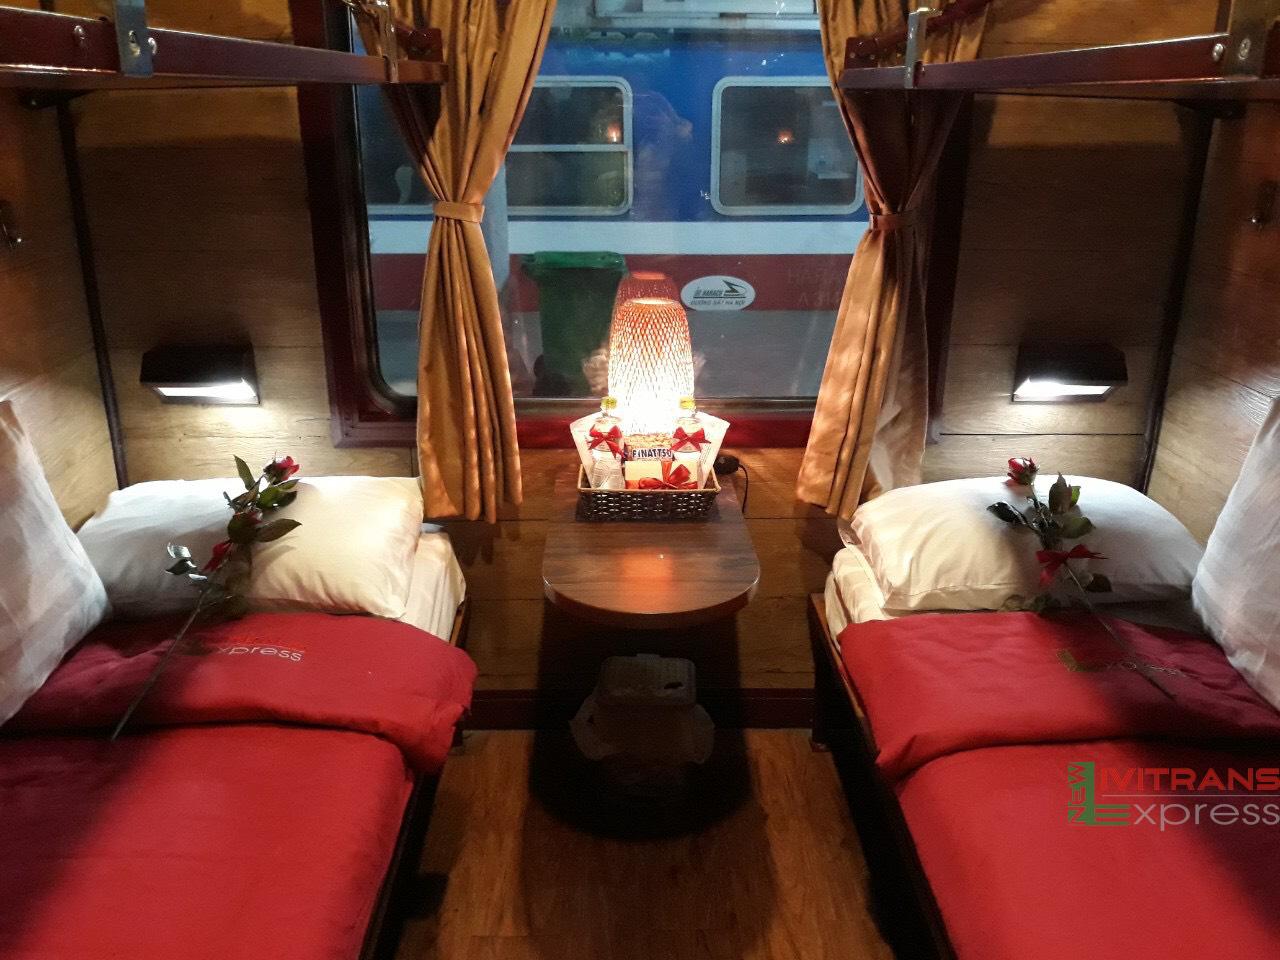 Tàu Lào Cai Hà Nội ( SP2) toa giường nằm chất lượng cao ( 5sao ) của hãng New Livitrans Express